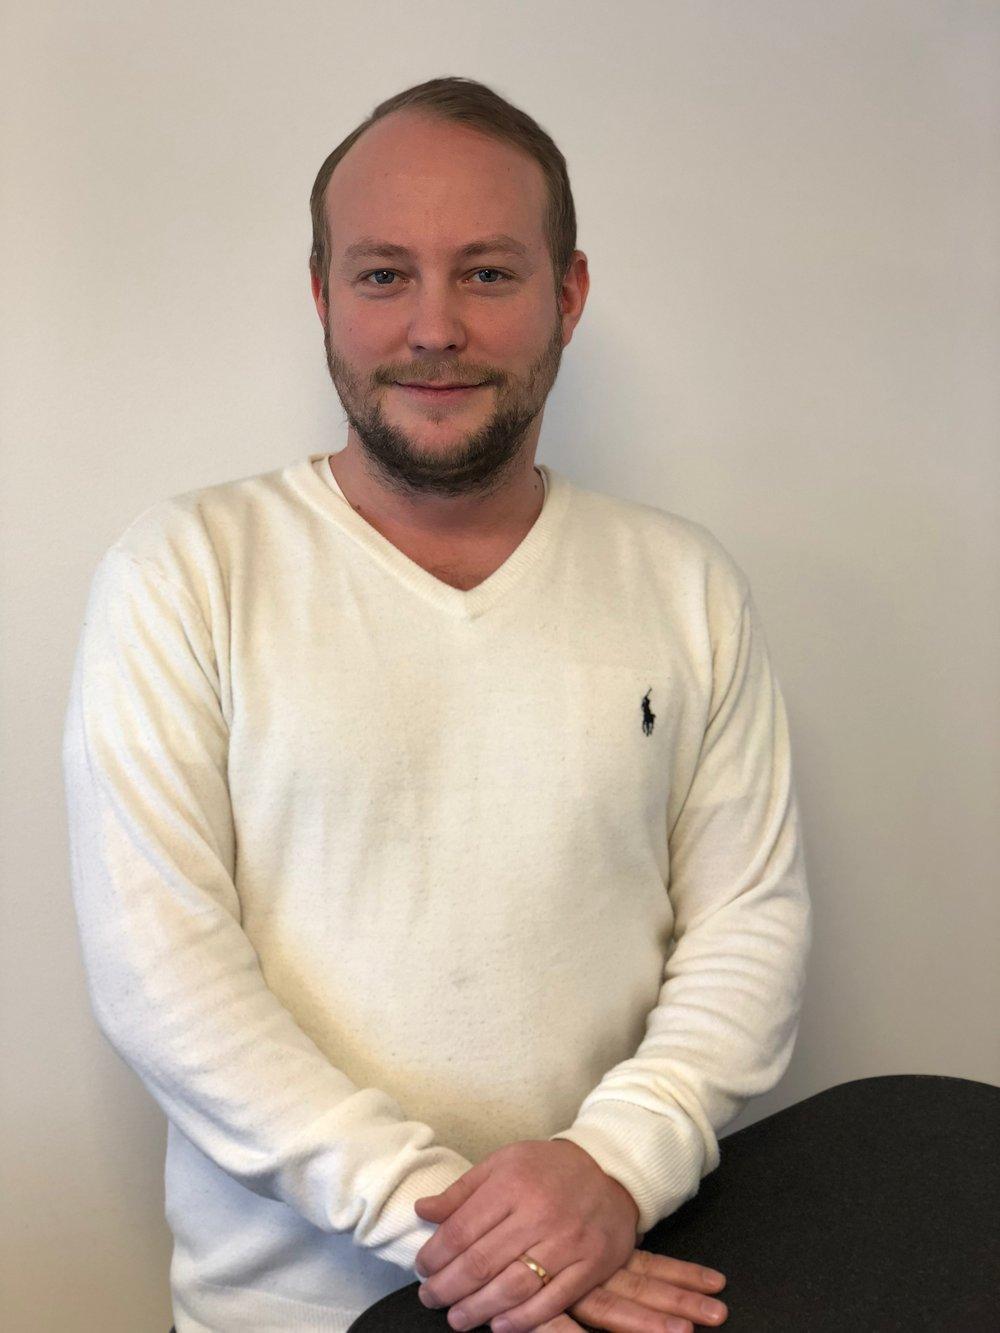 Björn Baglioni Nordetun  Arbetsledare Avtal  011 - 12 22 78  bjorn@stadarna.se   Städarna i Norrköping AB Stohagsgatan 14 60228 Norrköping  Arbetat på Städarna sedan 2017